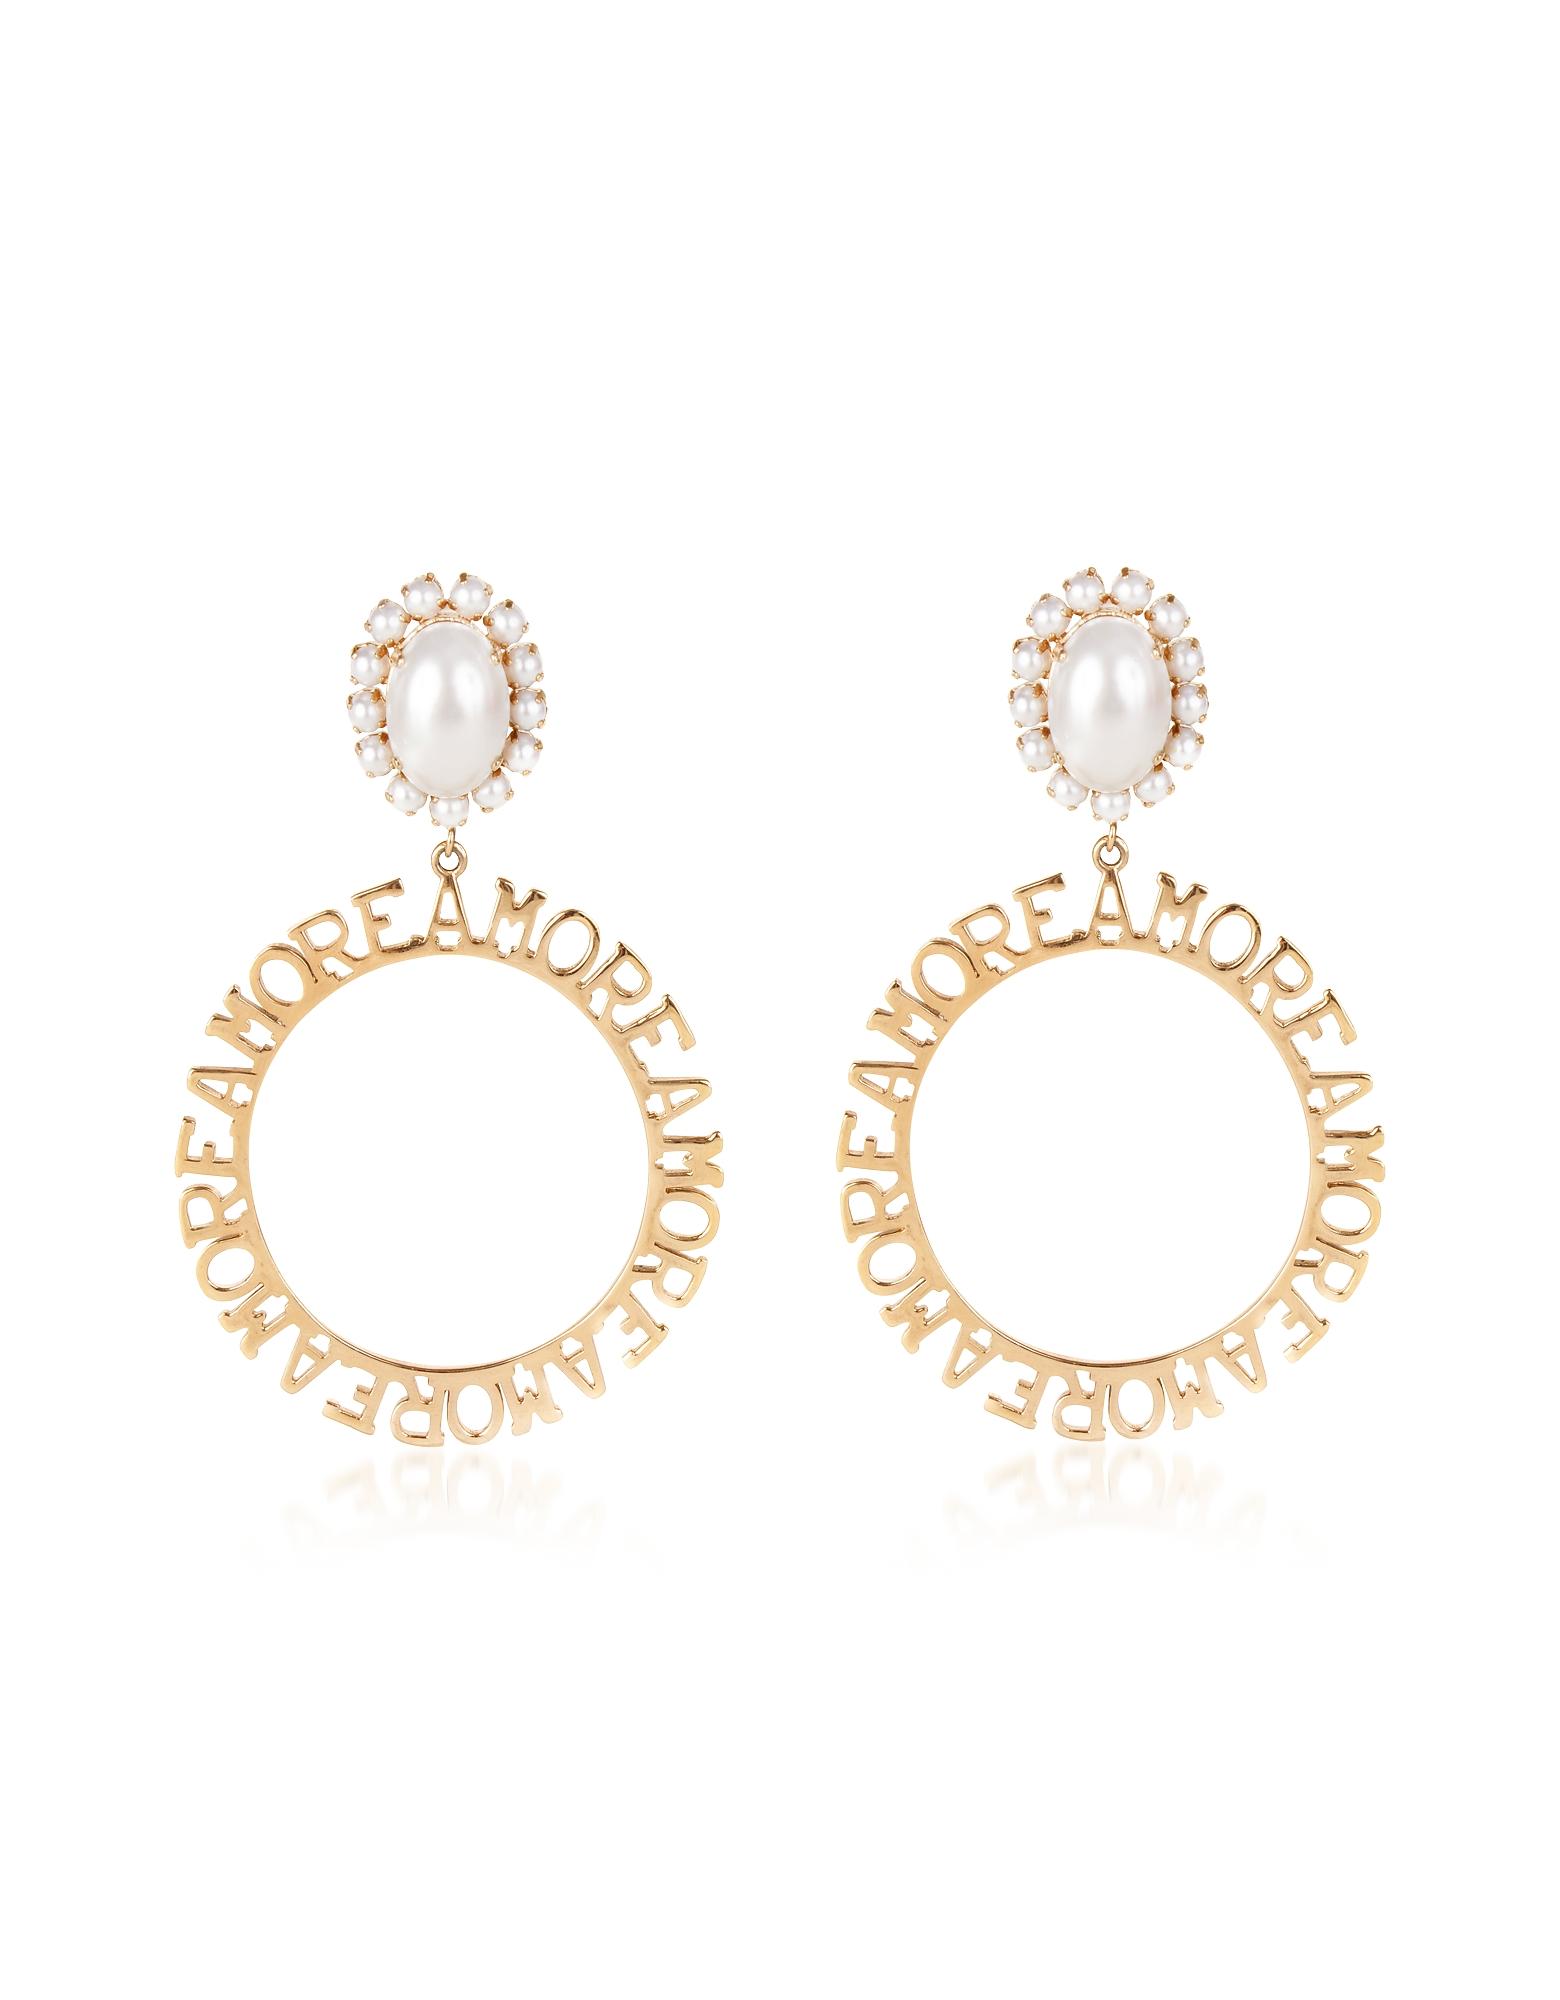 Amore Hoops Earrings, Gold